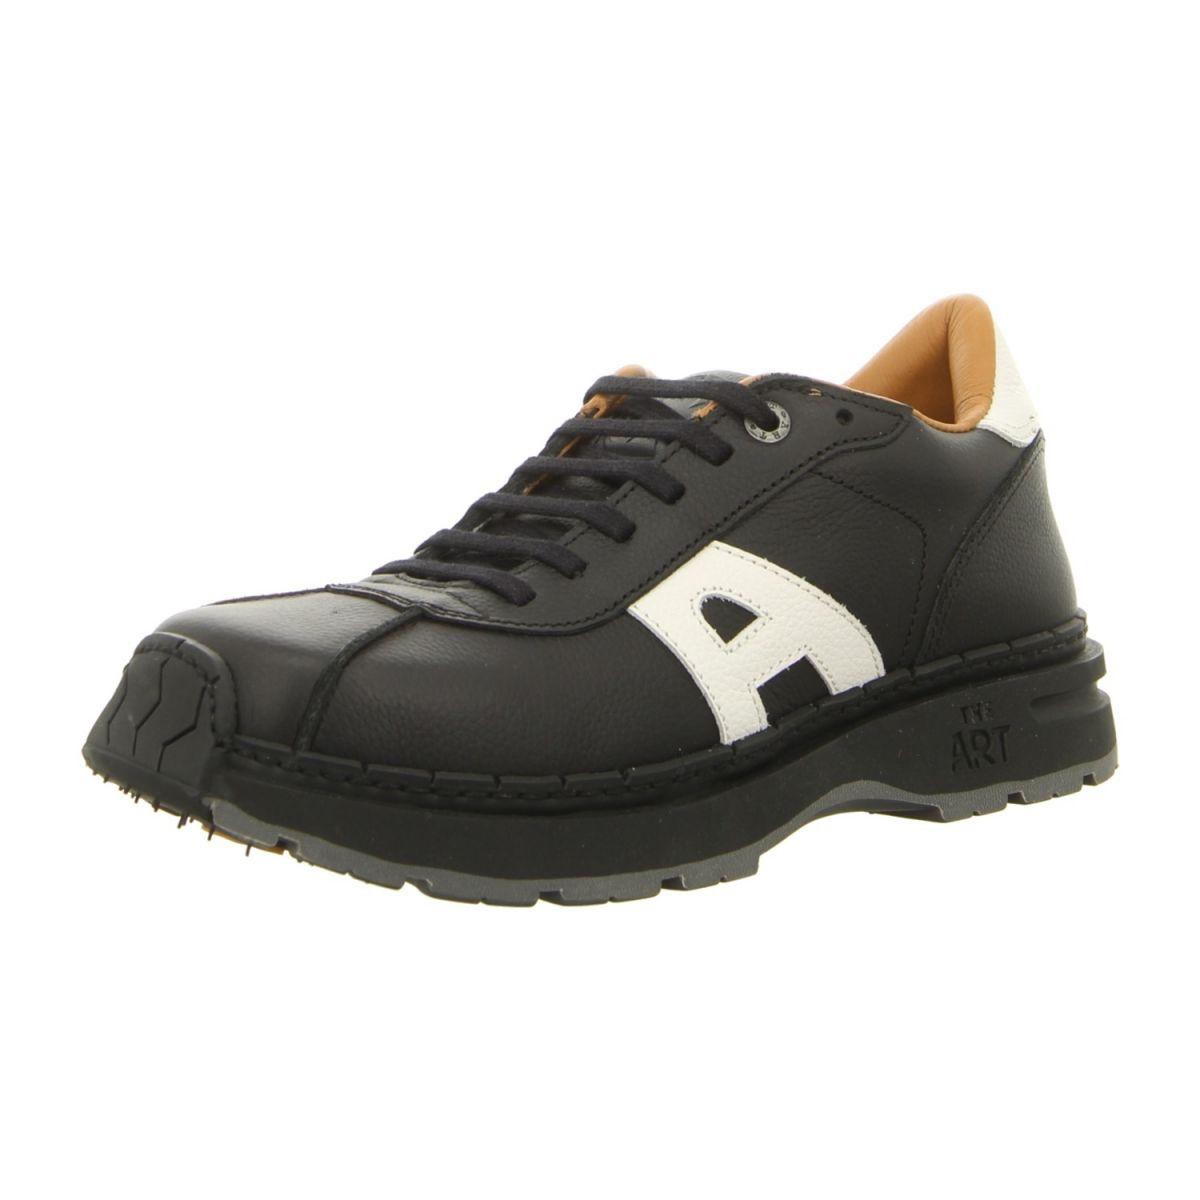 Art Schuhe günstig online kaufen | mirapodo